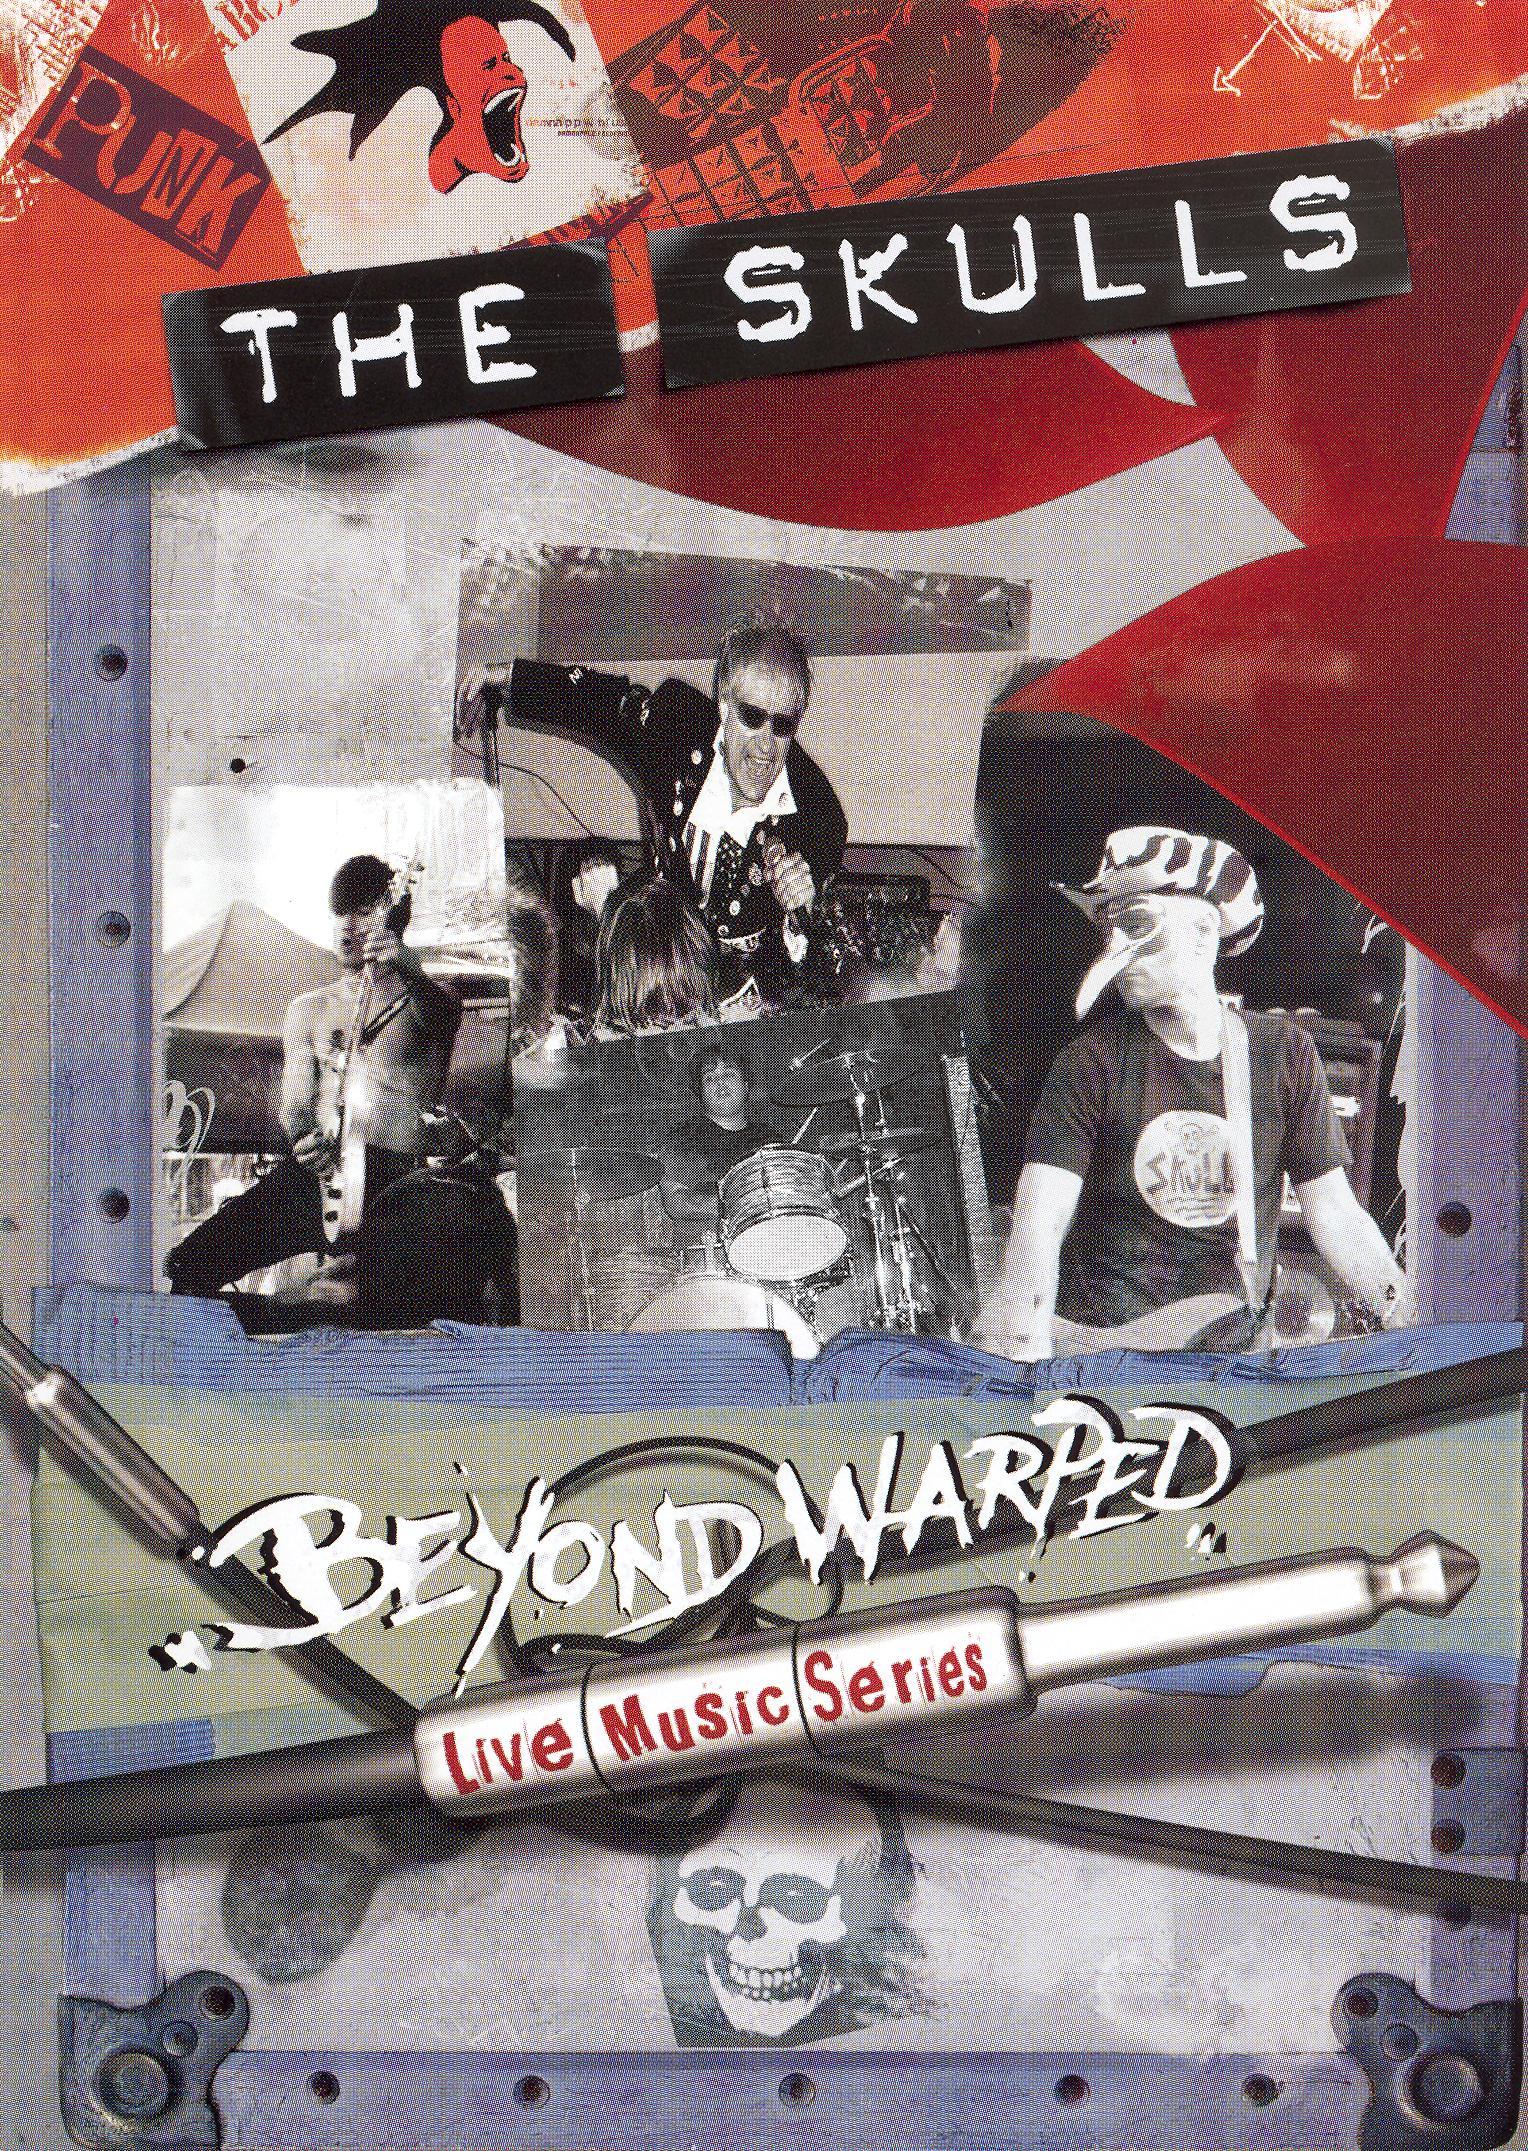 Beyond Warped: The Skulls